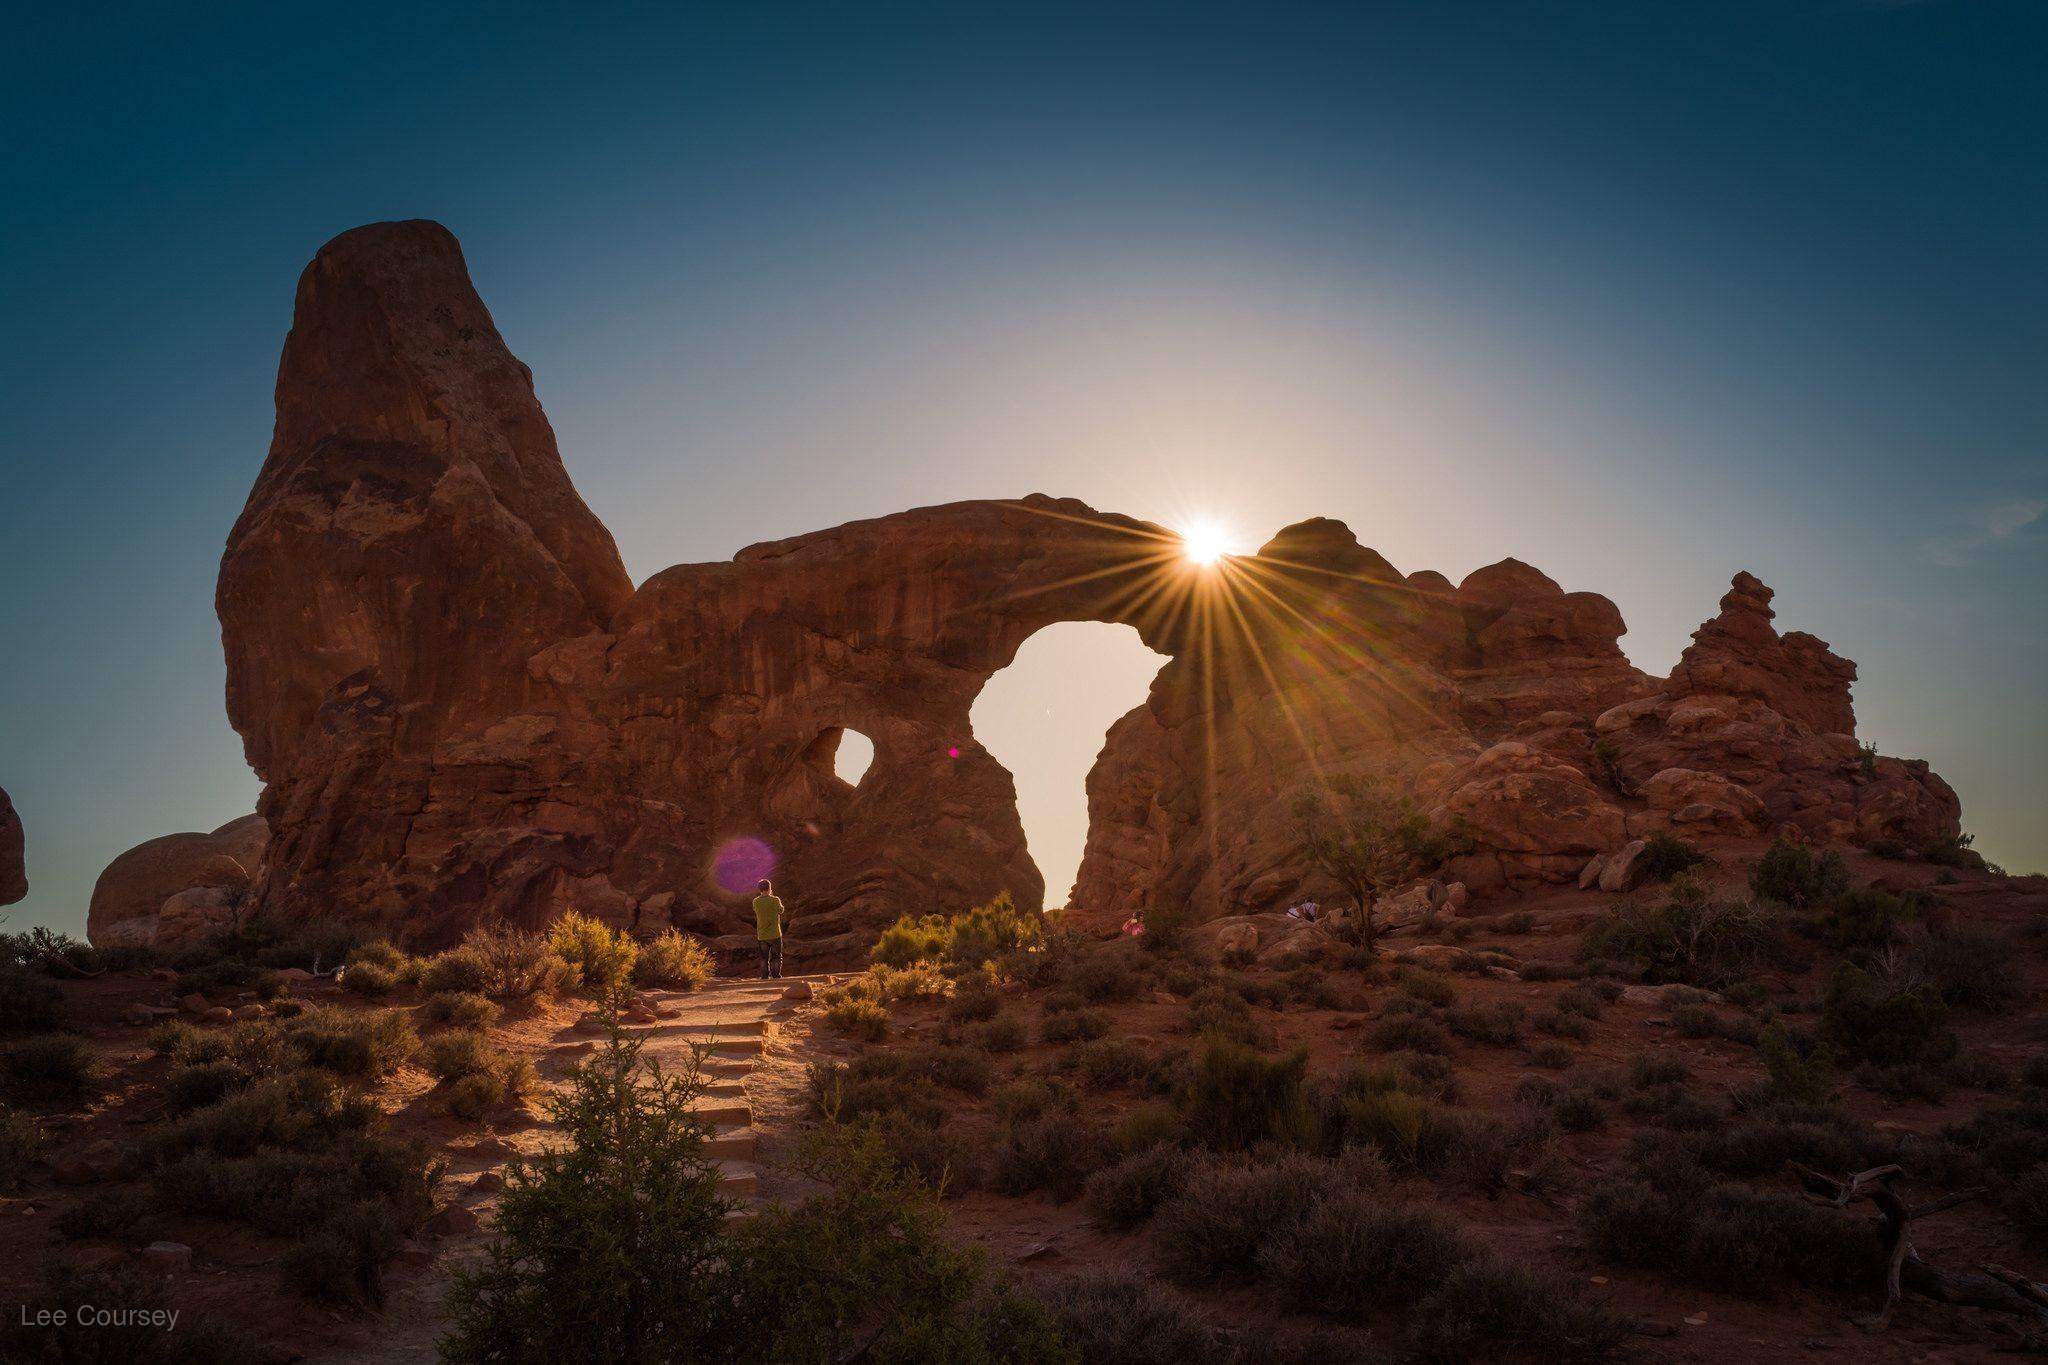 美西國家寶藏12日-黃石六大國家公園、羚羊峽谷